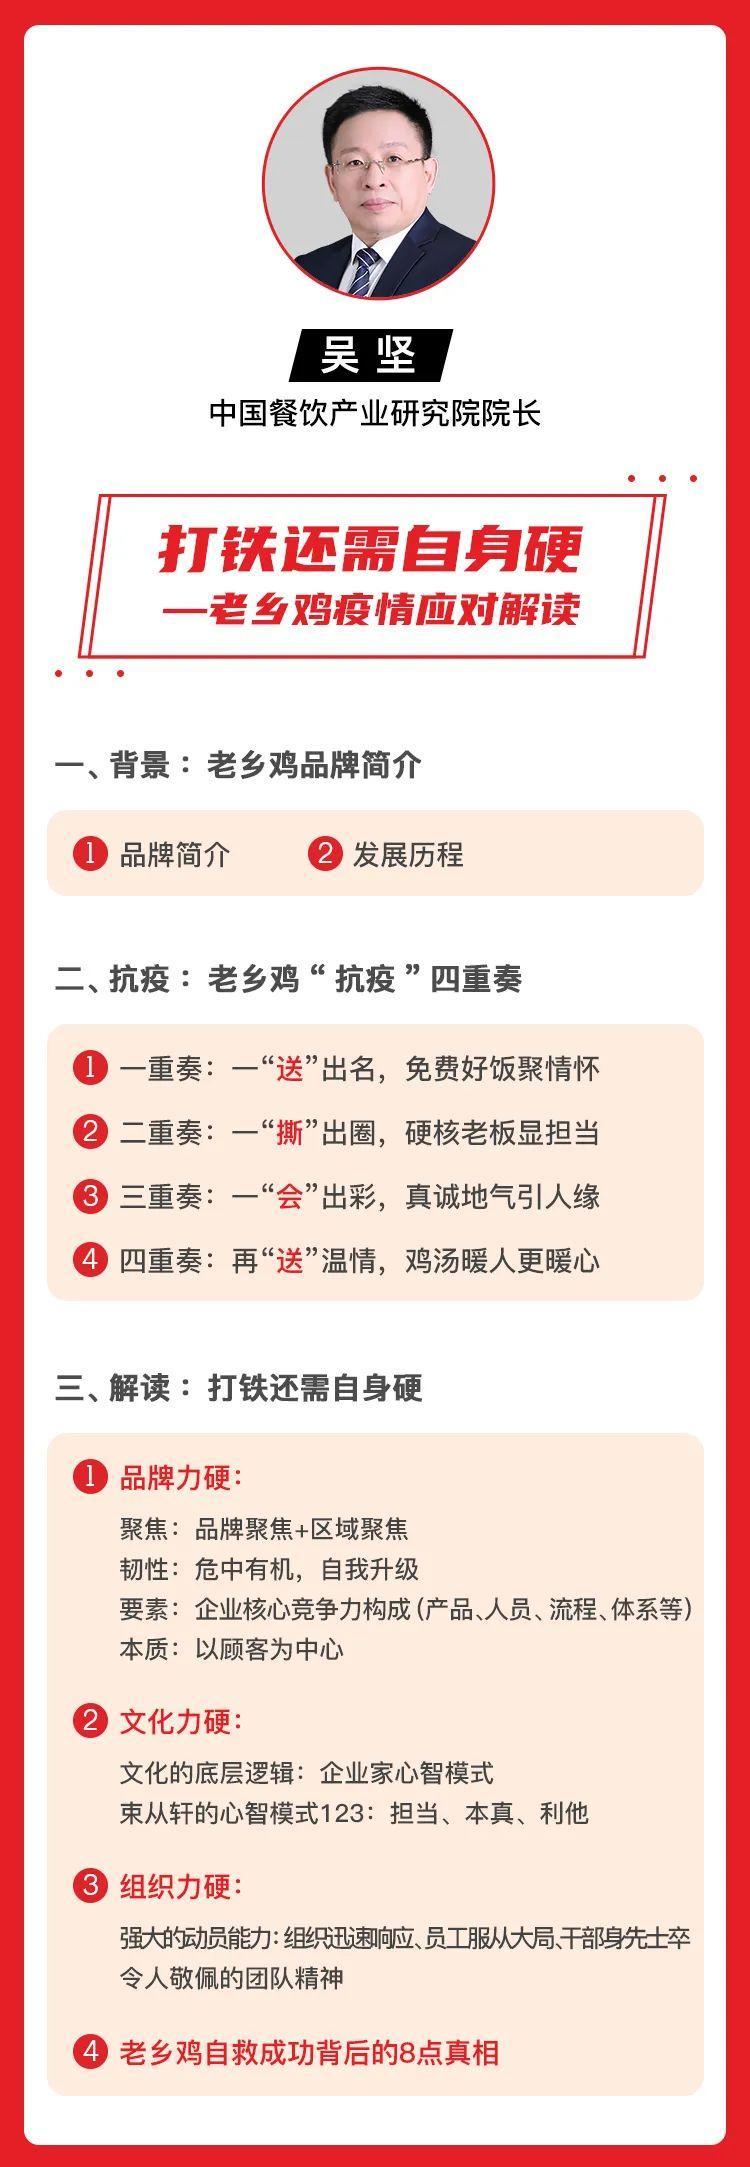 老乡鸡品牌战略之道,中国餐饮产业研究院院长吴坚为你深入拆解